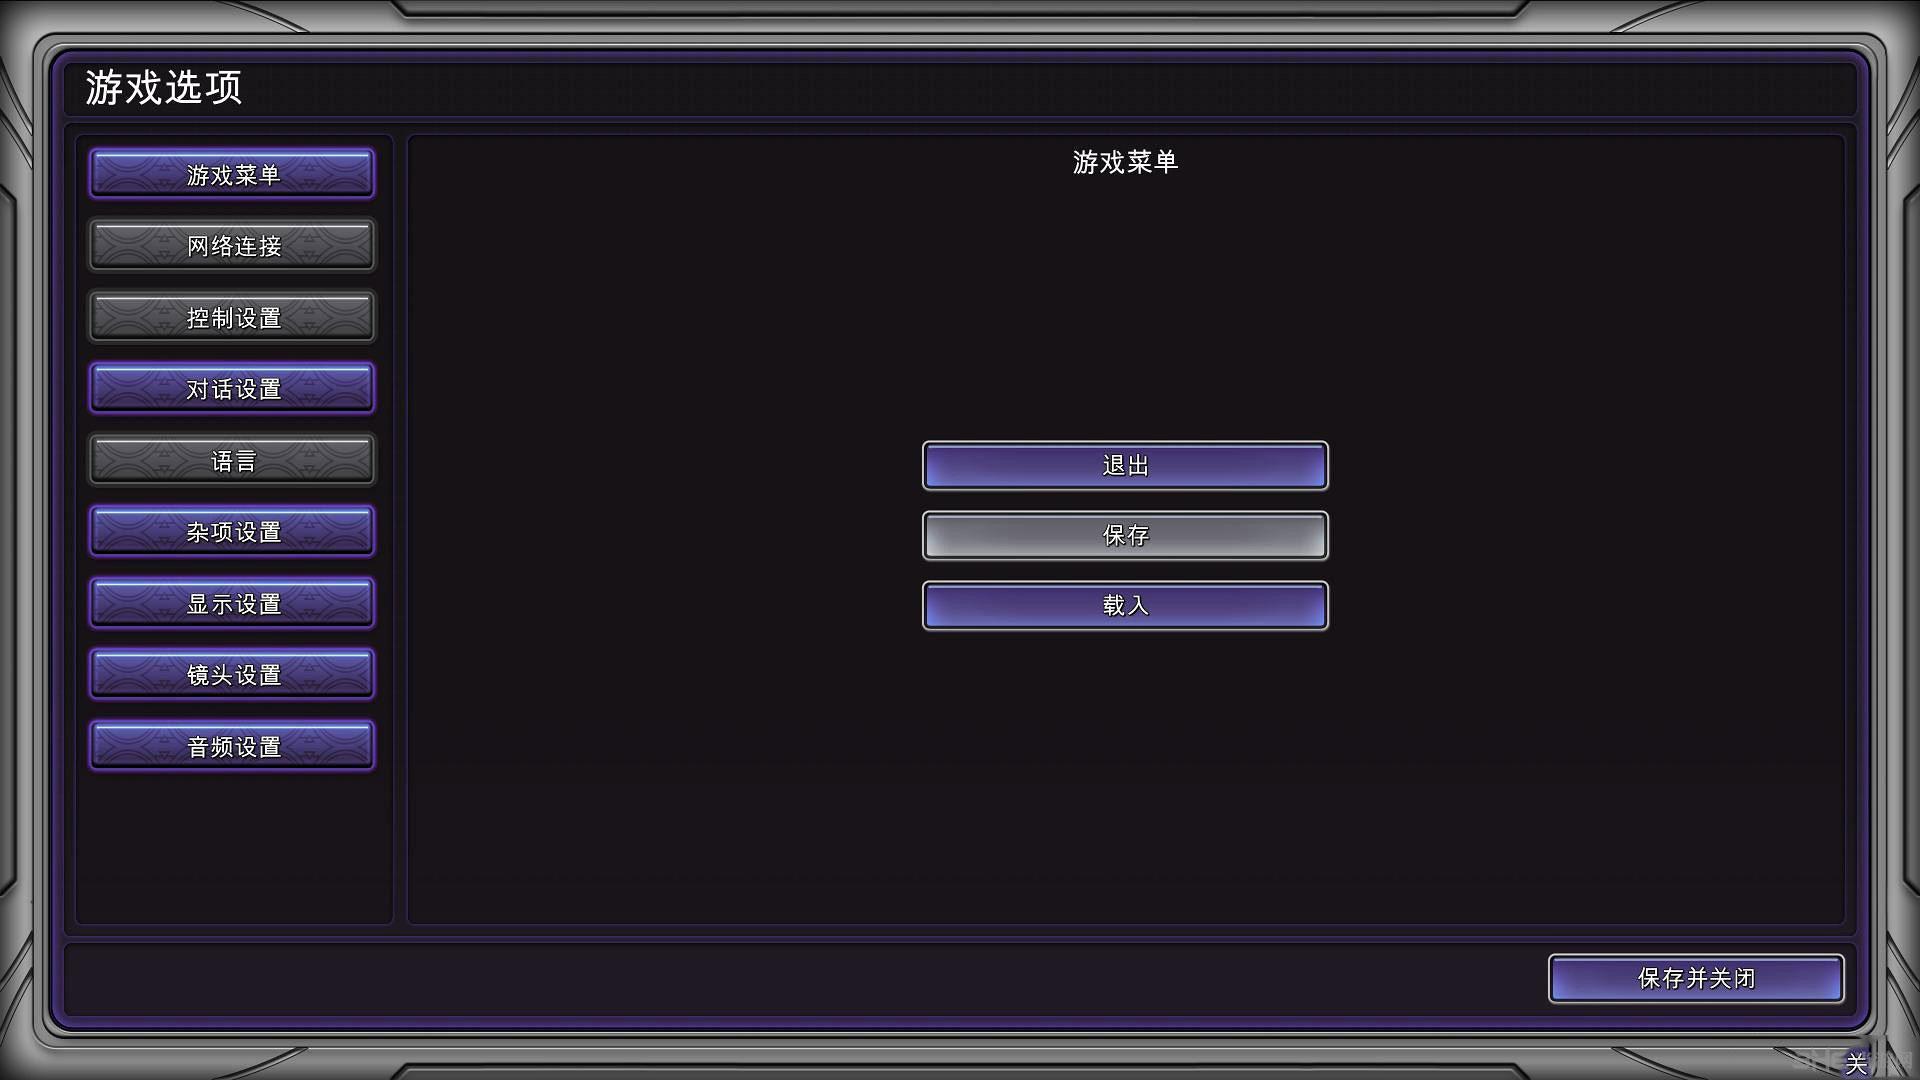 折磨:扭蒙拉之潮简体中文汉化补丁截图0